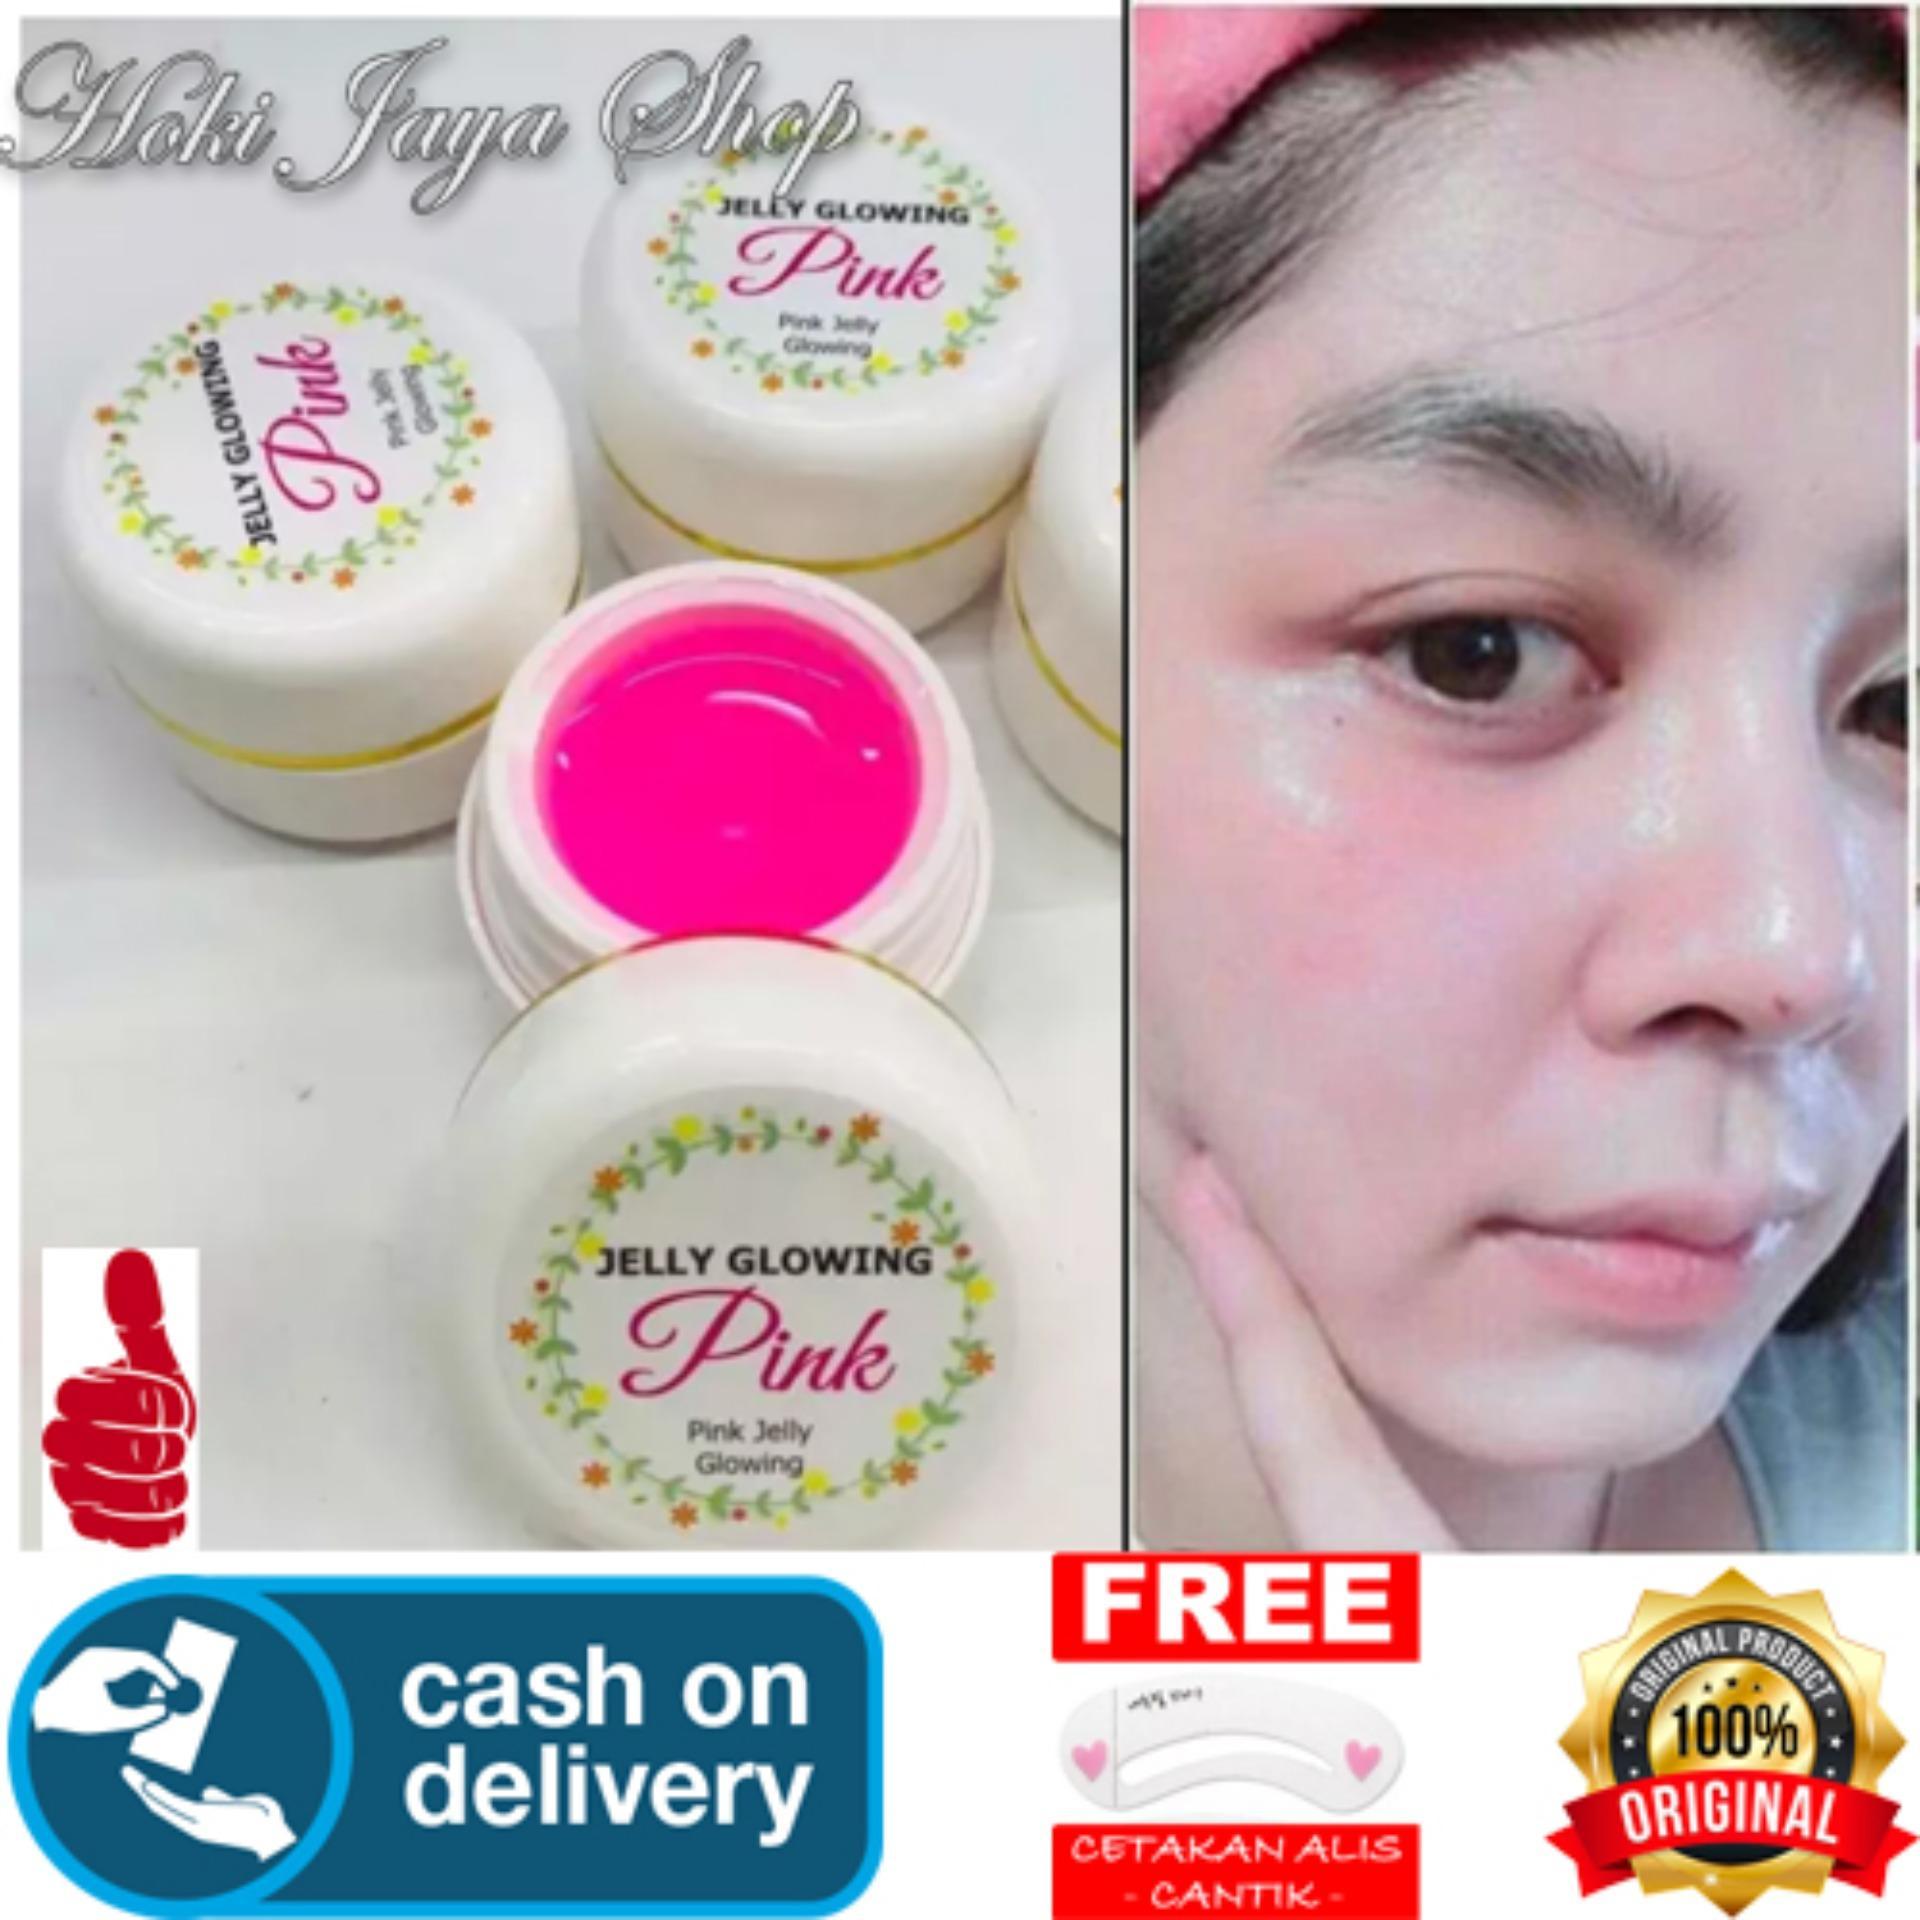 HOKI COD - Jelly GLOWING Pink Whitening Cream Original 100% - HN + Gratis Cetak